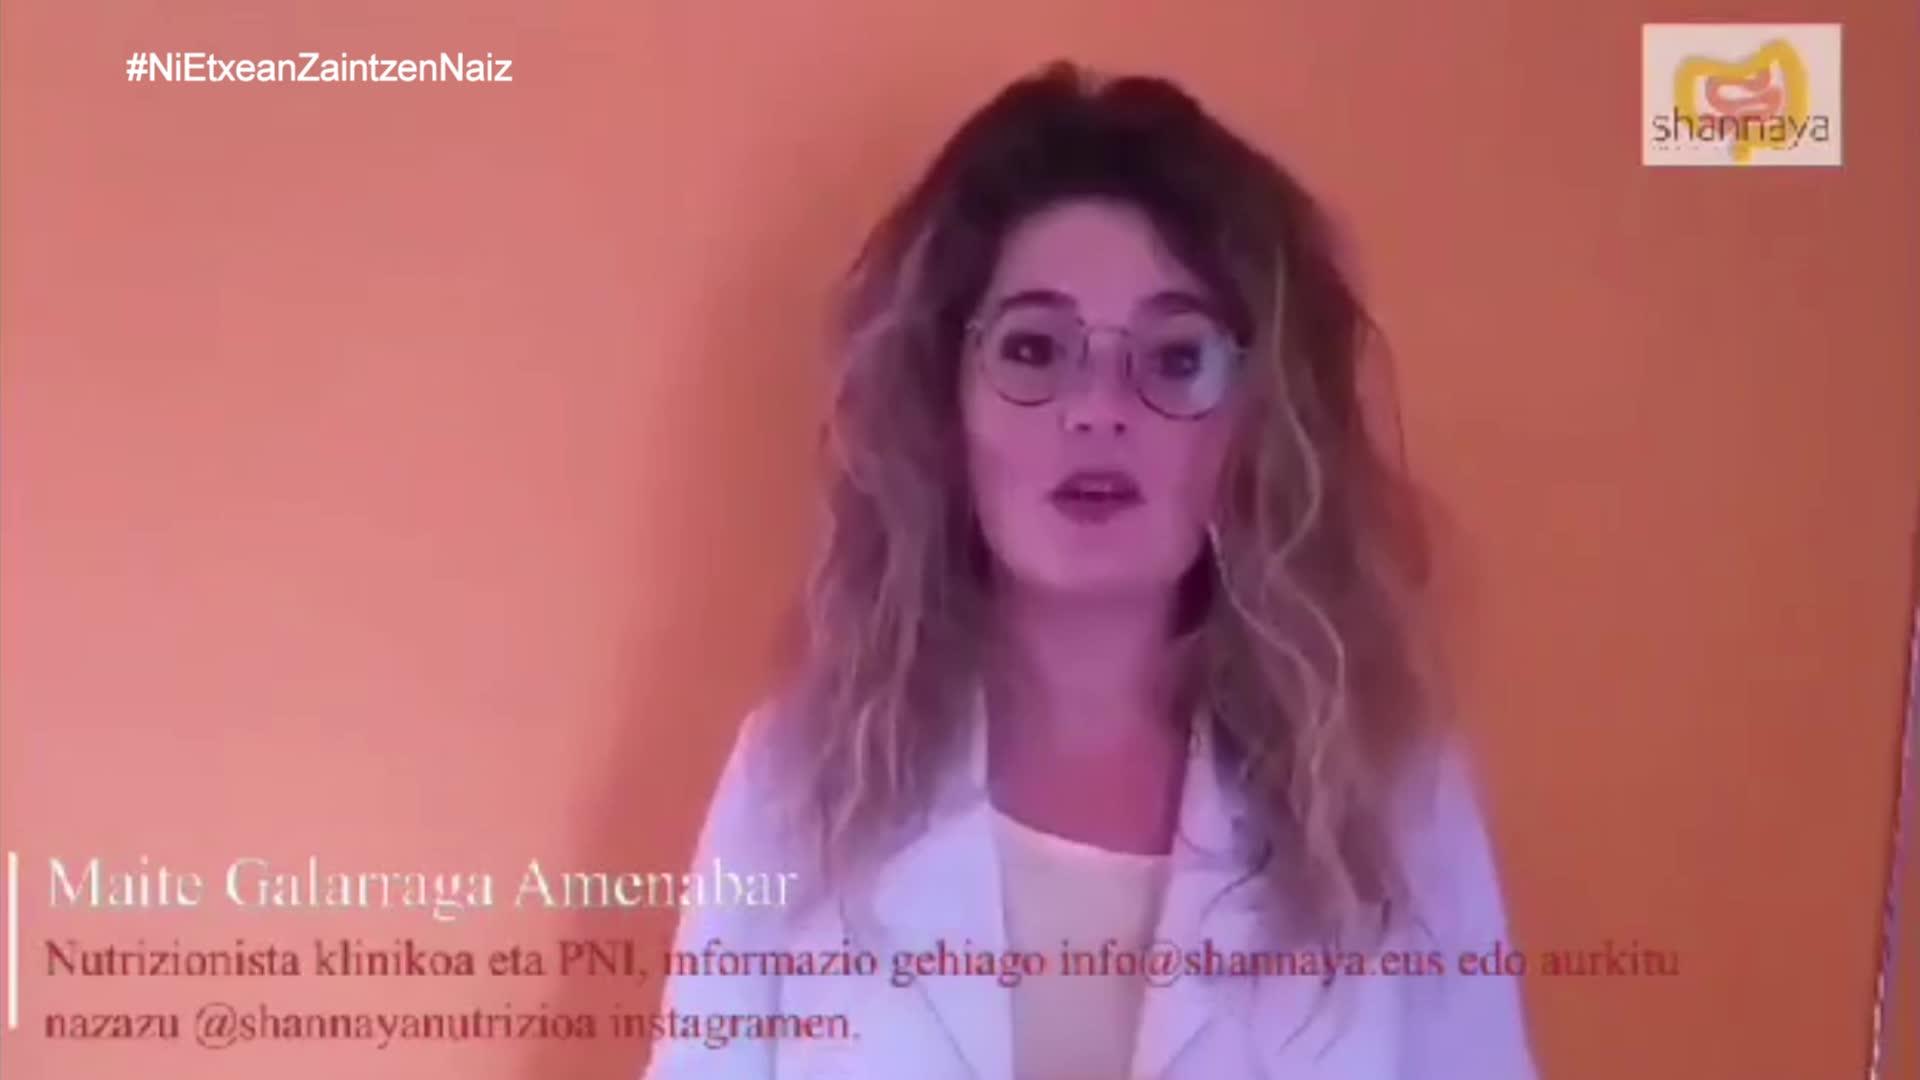 #NiEtxeanZaintzenNaiz  Maite Galarraga nutrizionista